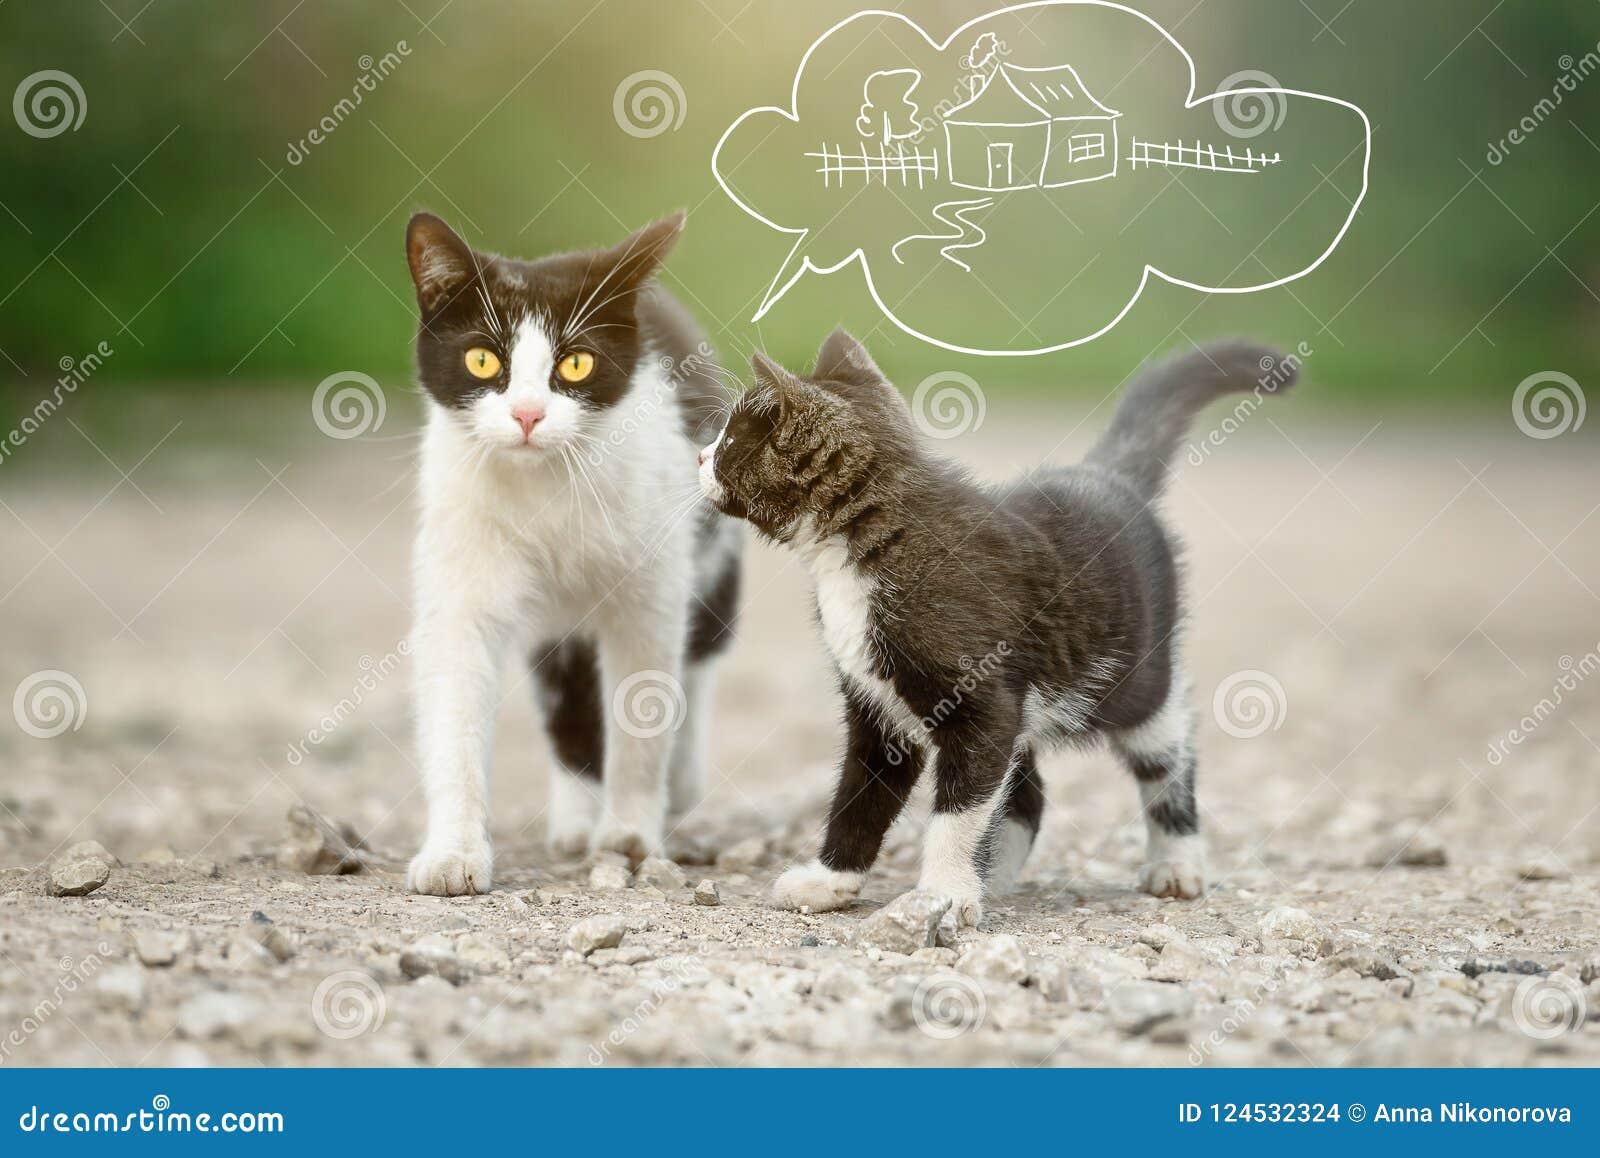 Μια γάτα με ένα γατάκι που ονειρεύεται την εύρεση ενός σπιτιού